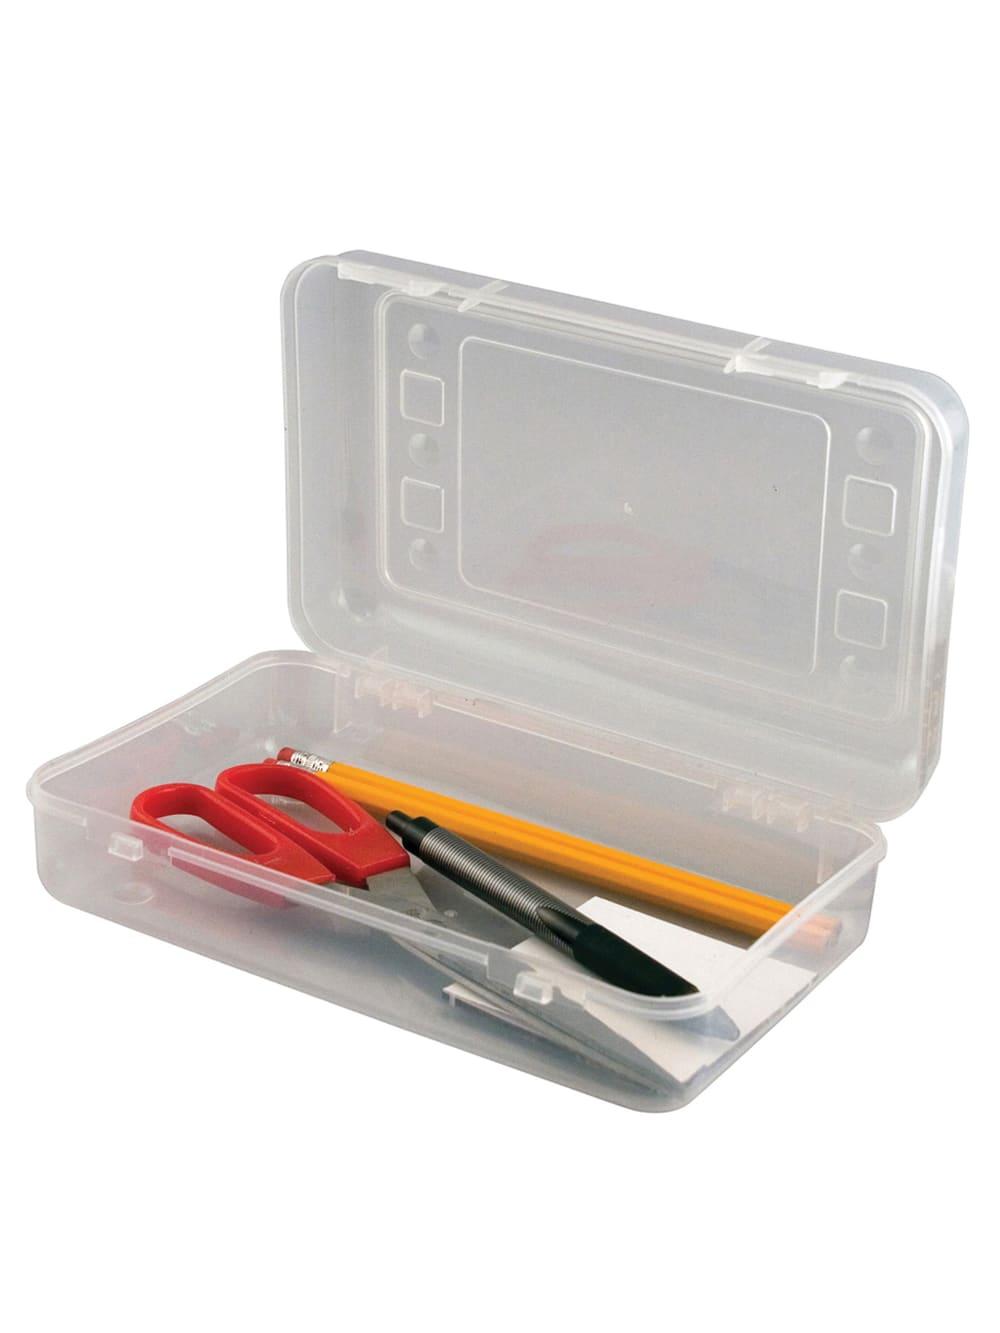 Office Desk Organizer Desktop Pen Pencil Storage Box Container FAST AU T8V1